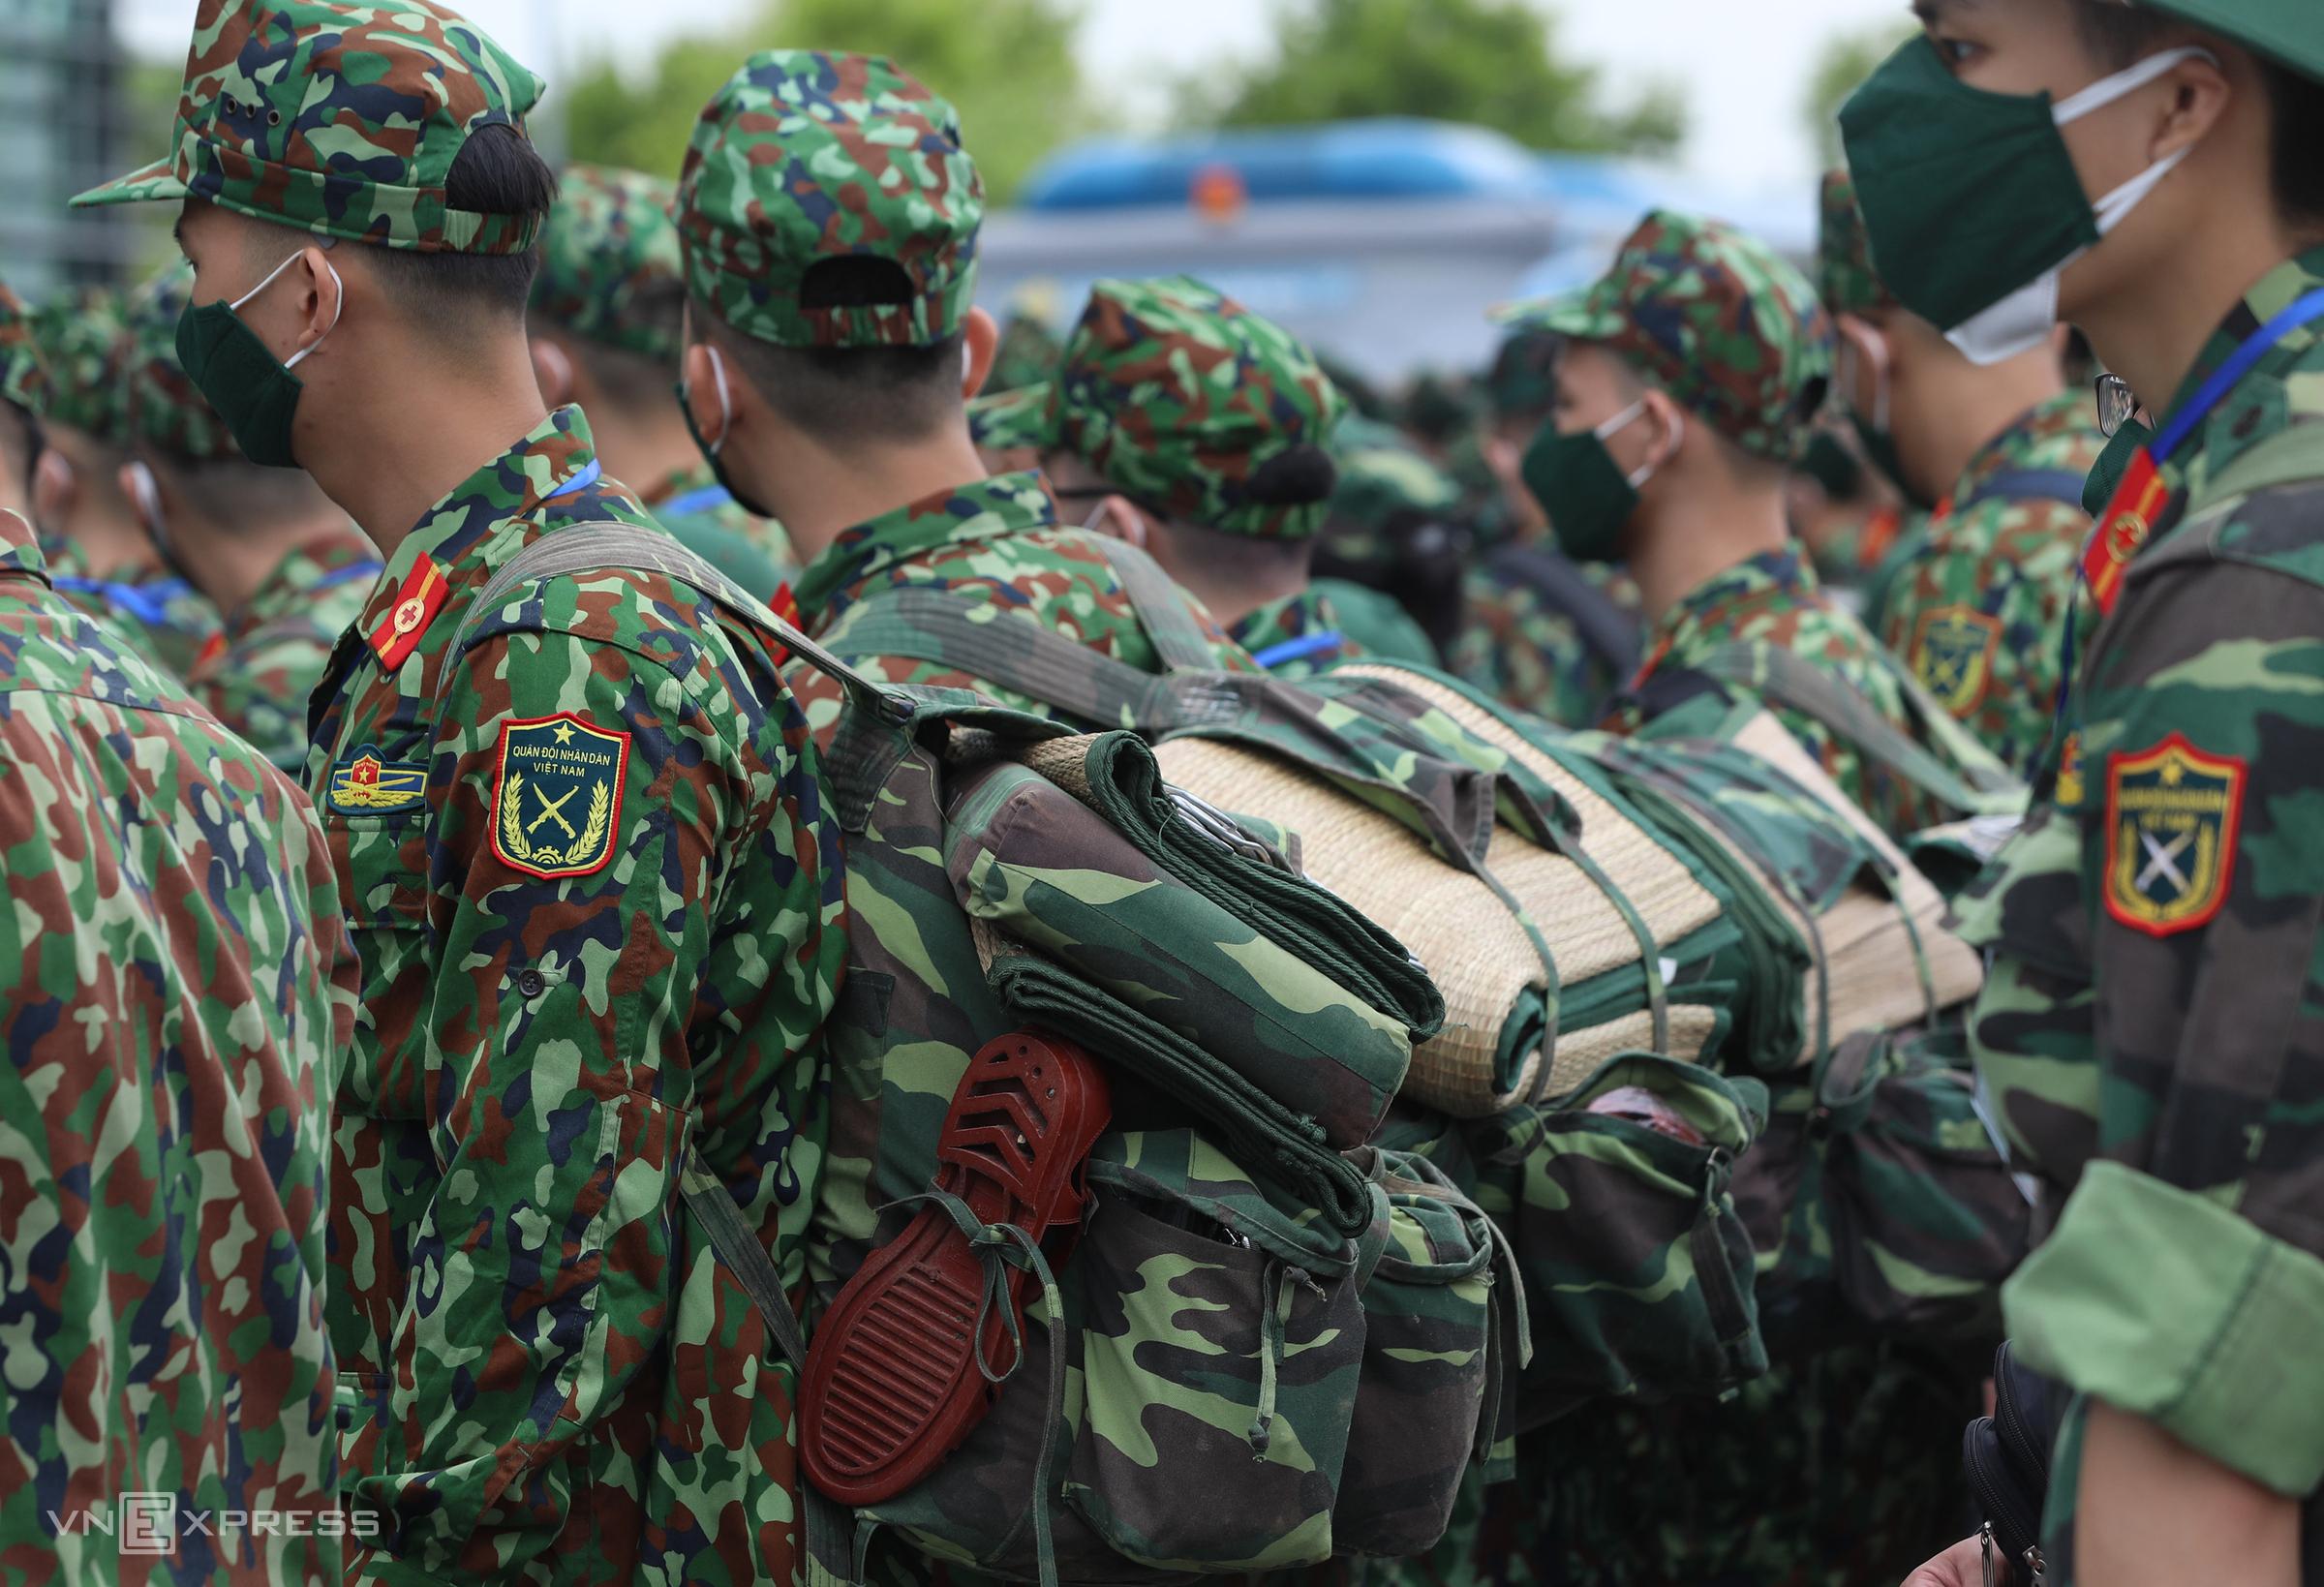 Quân y được tăng cường vào miền Nam, giúp TP HCM chống dịch, ngày 23/8. Ảnh: Ngọc Thành.